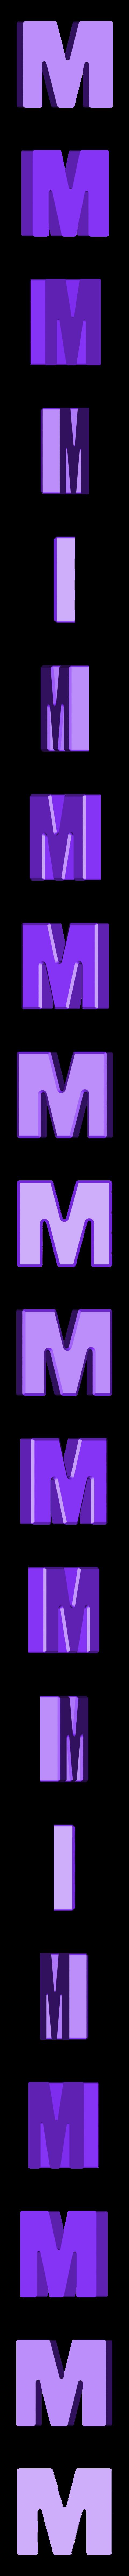 M.stl Download free STL file Letter Bowls • 3D print object, PrintedSolid